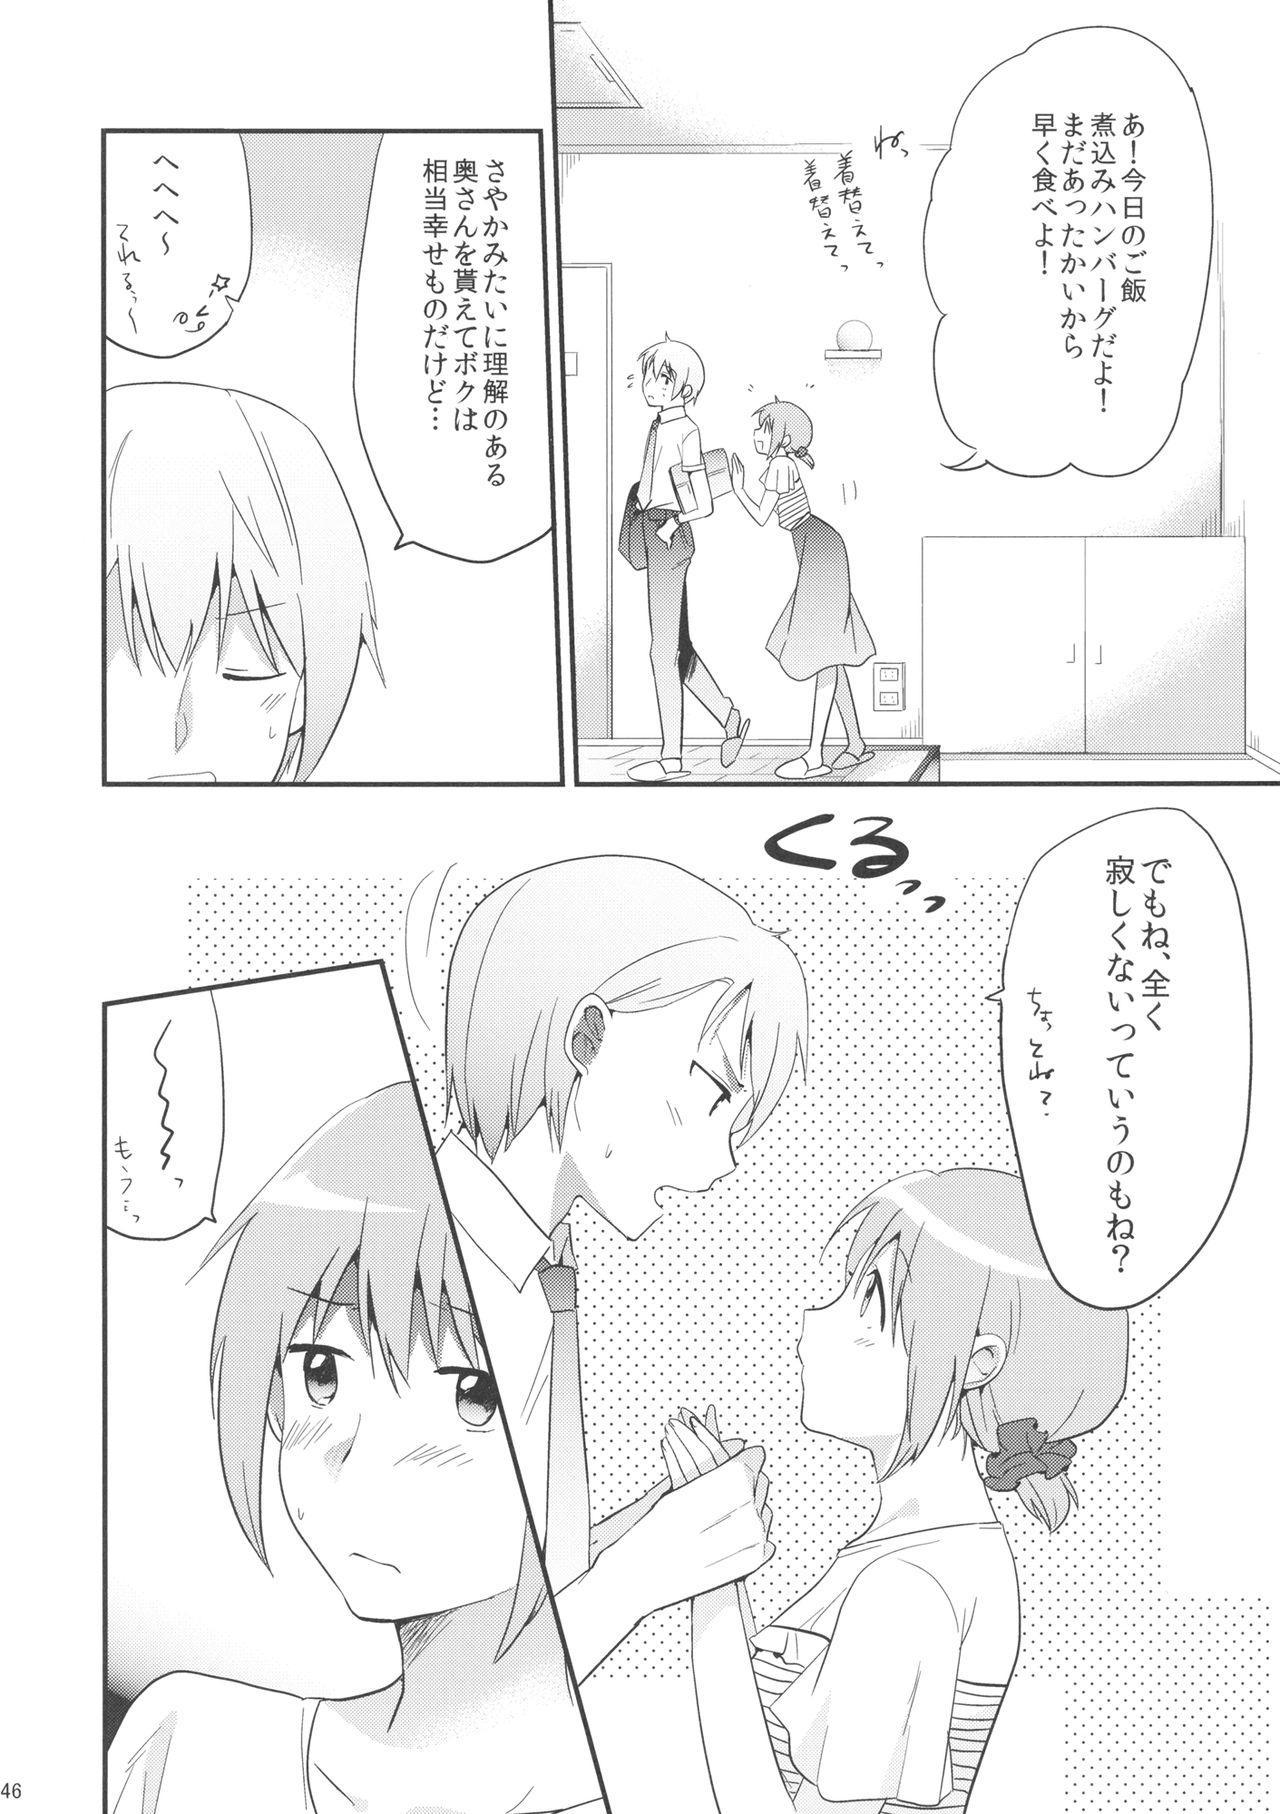 if Kanzenban 44